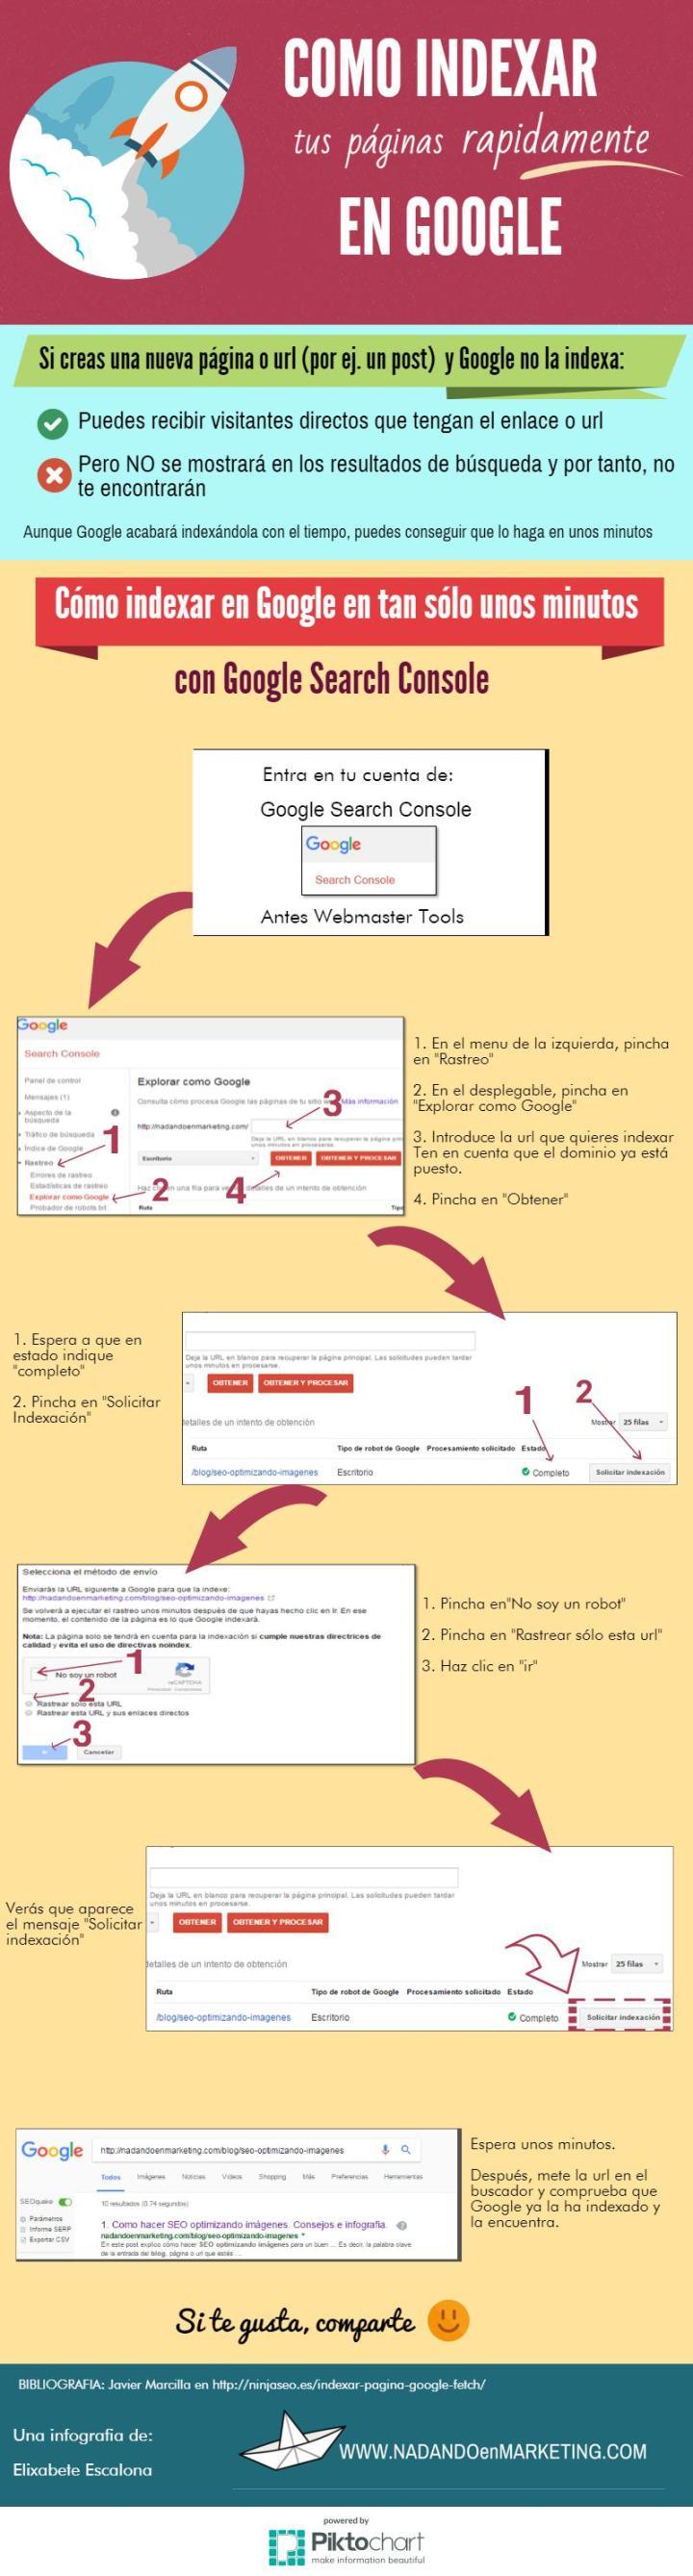 Infografia cómo indexar tus páginas en Google rápidamente